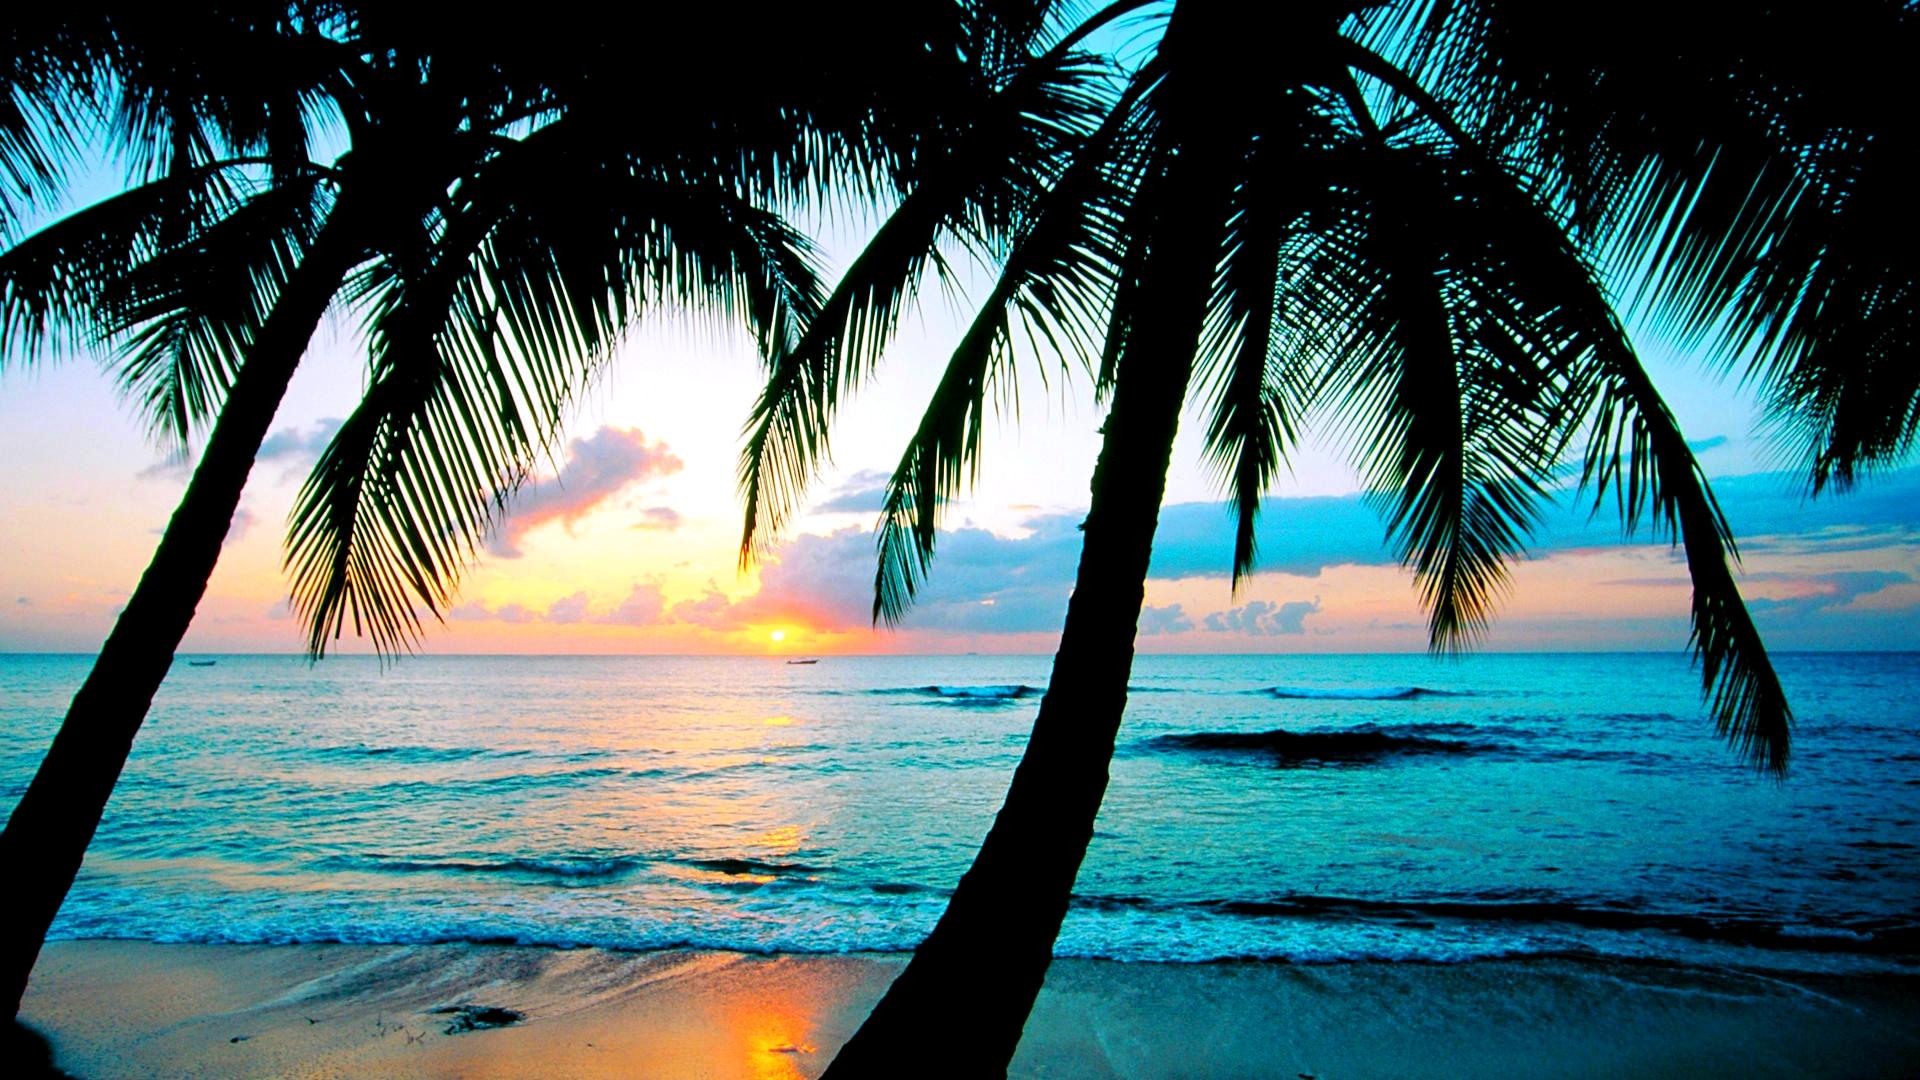 Caribbean Sunset Wallpaper Desktop - WallpaperSafari